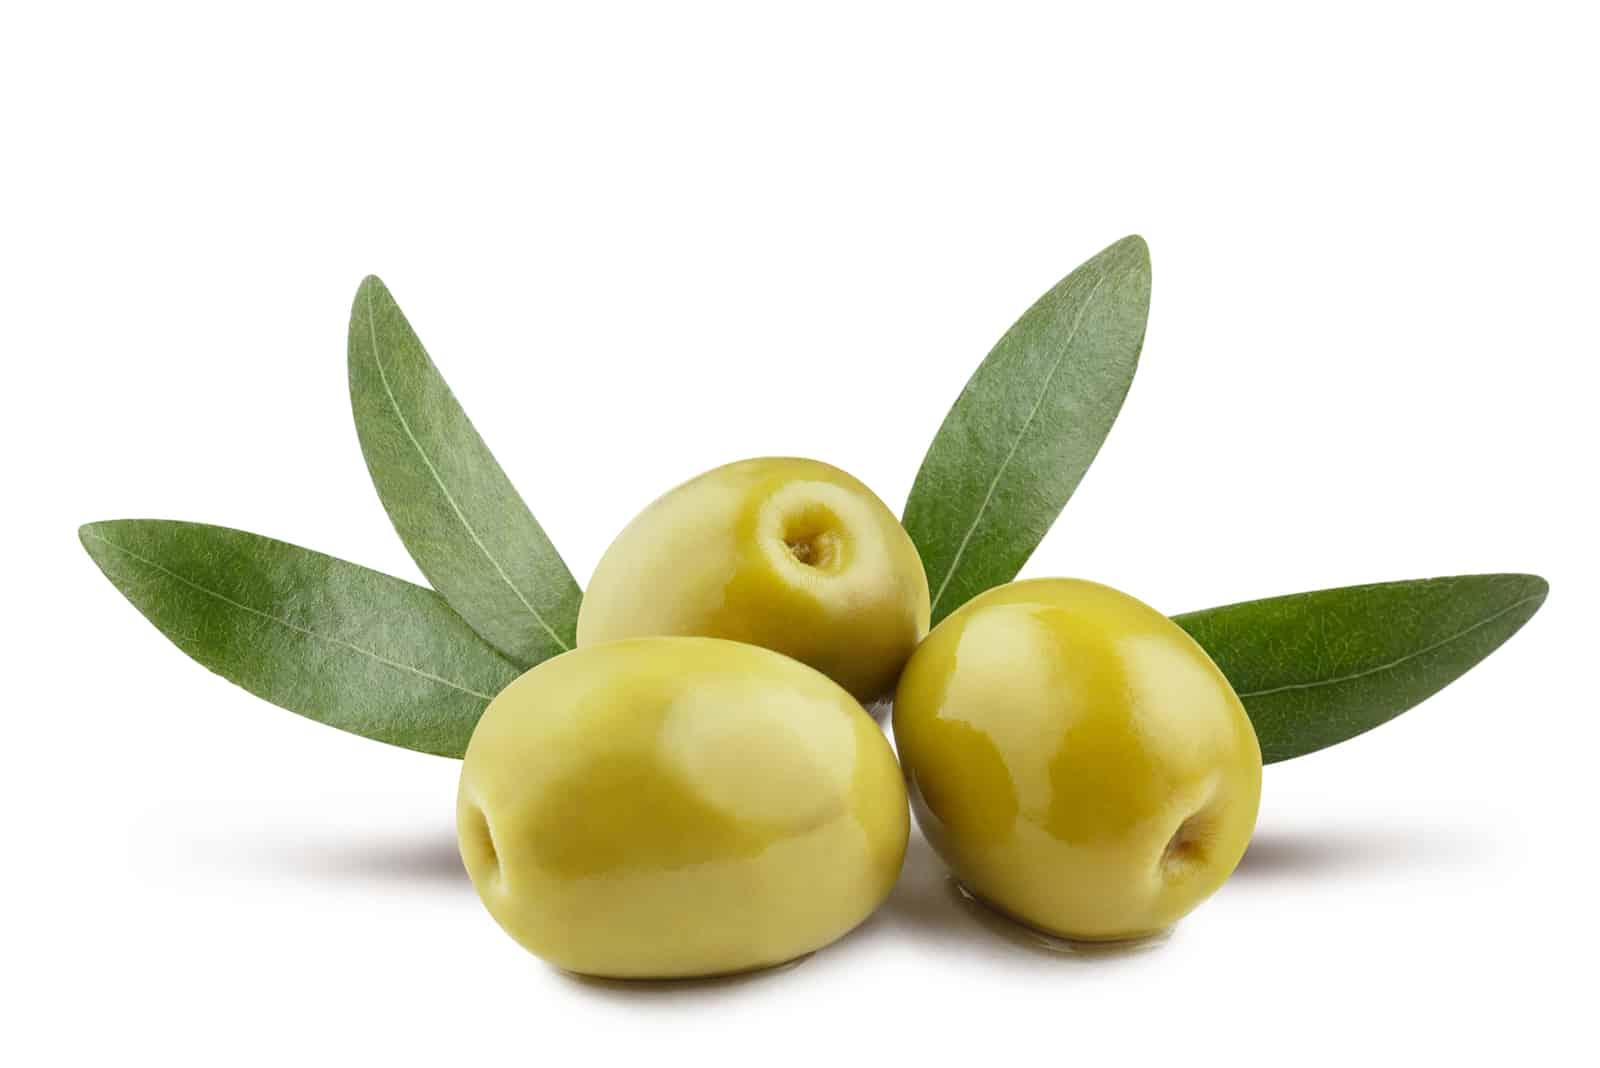 Oliven auf weißem Grund